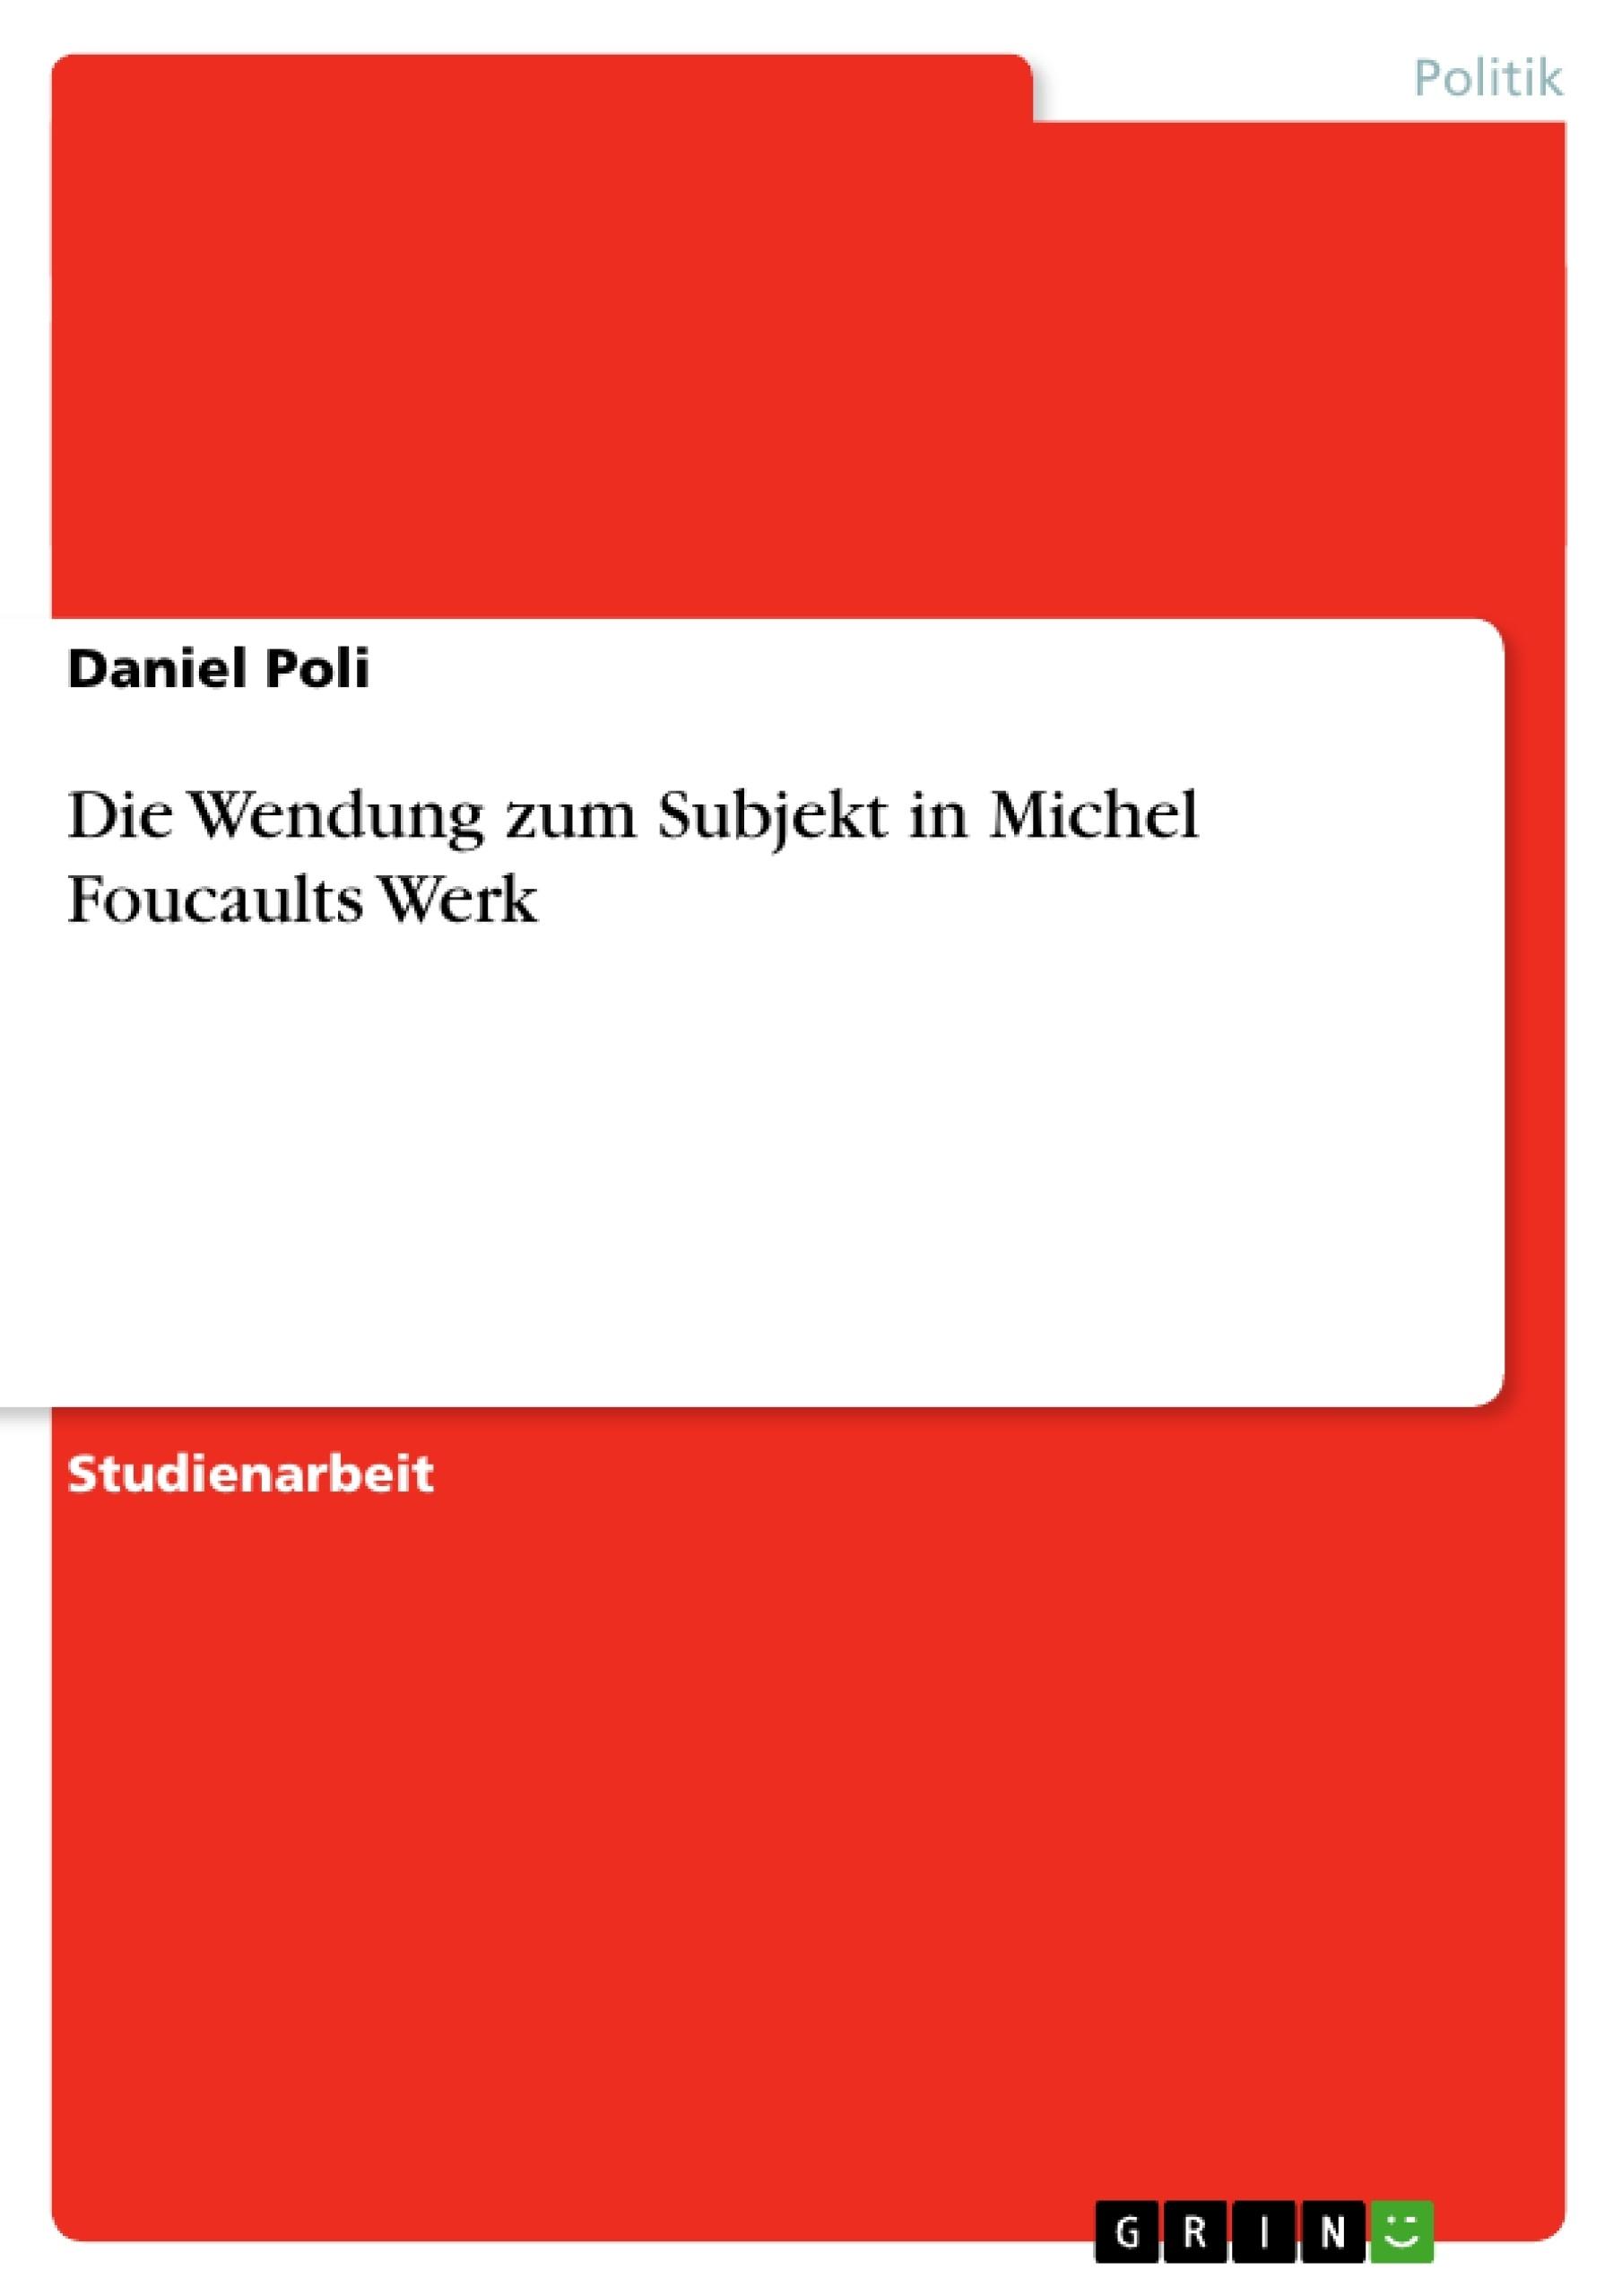 Titel: Die Wendung zum Subjekt in Michel Foucaults Werk